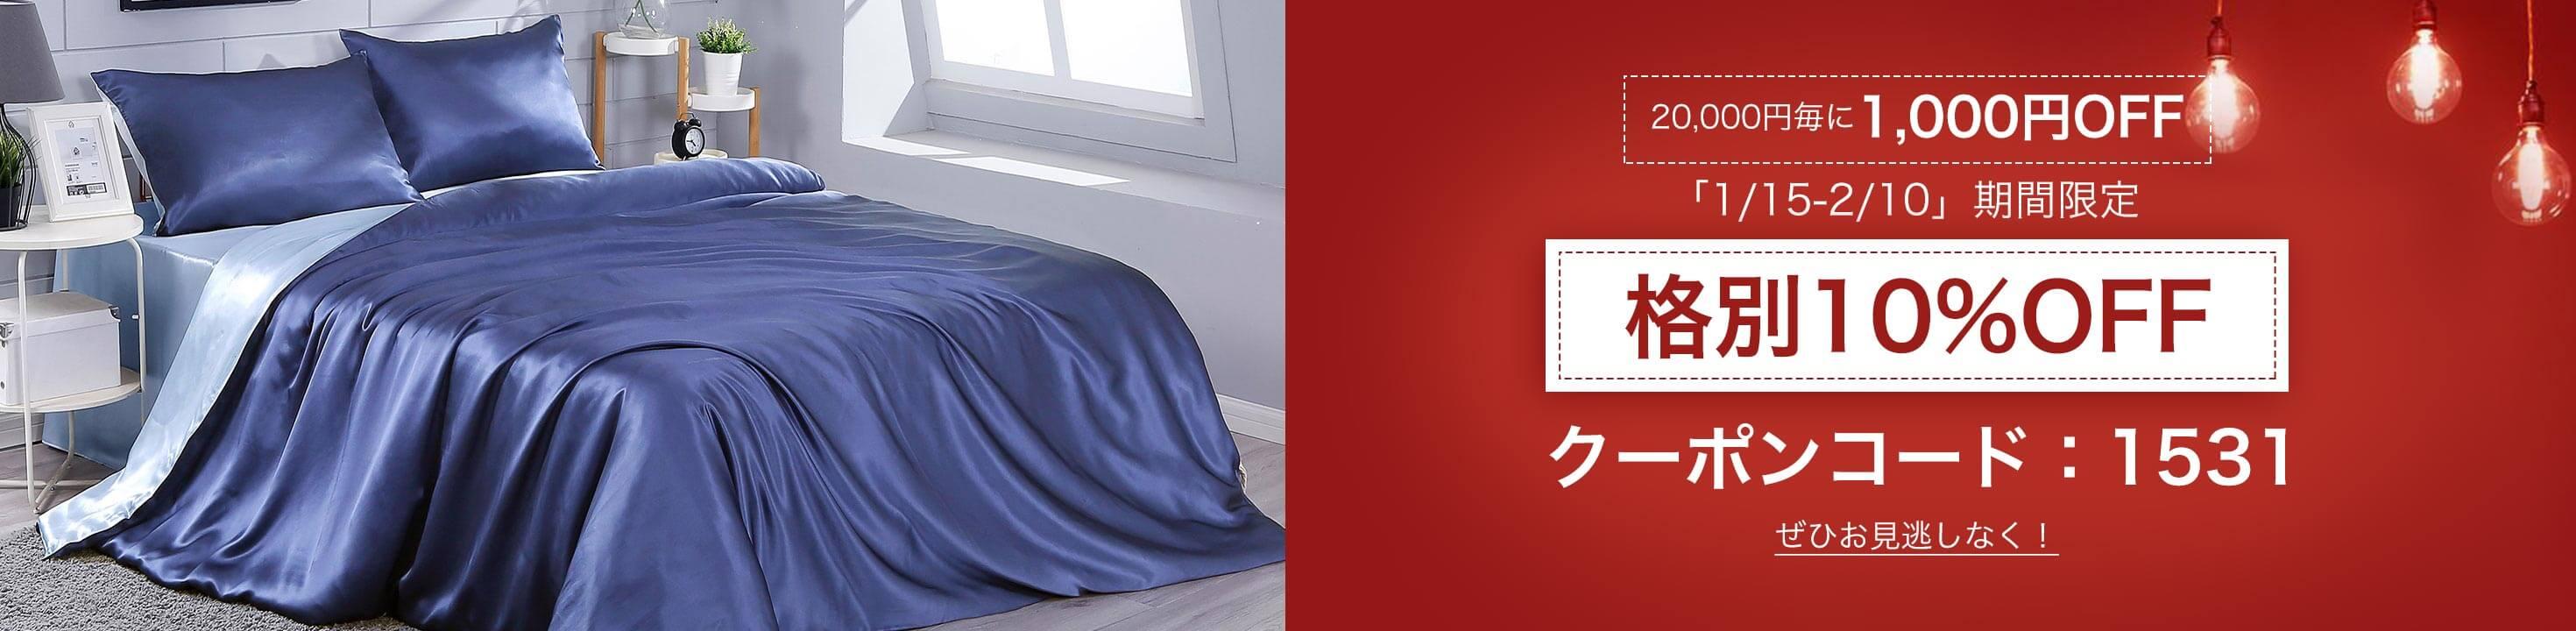 寝具カバーセット